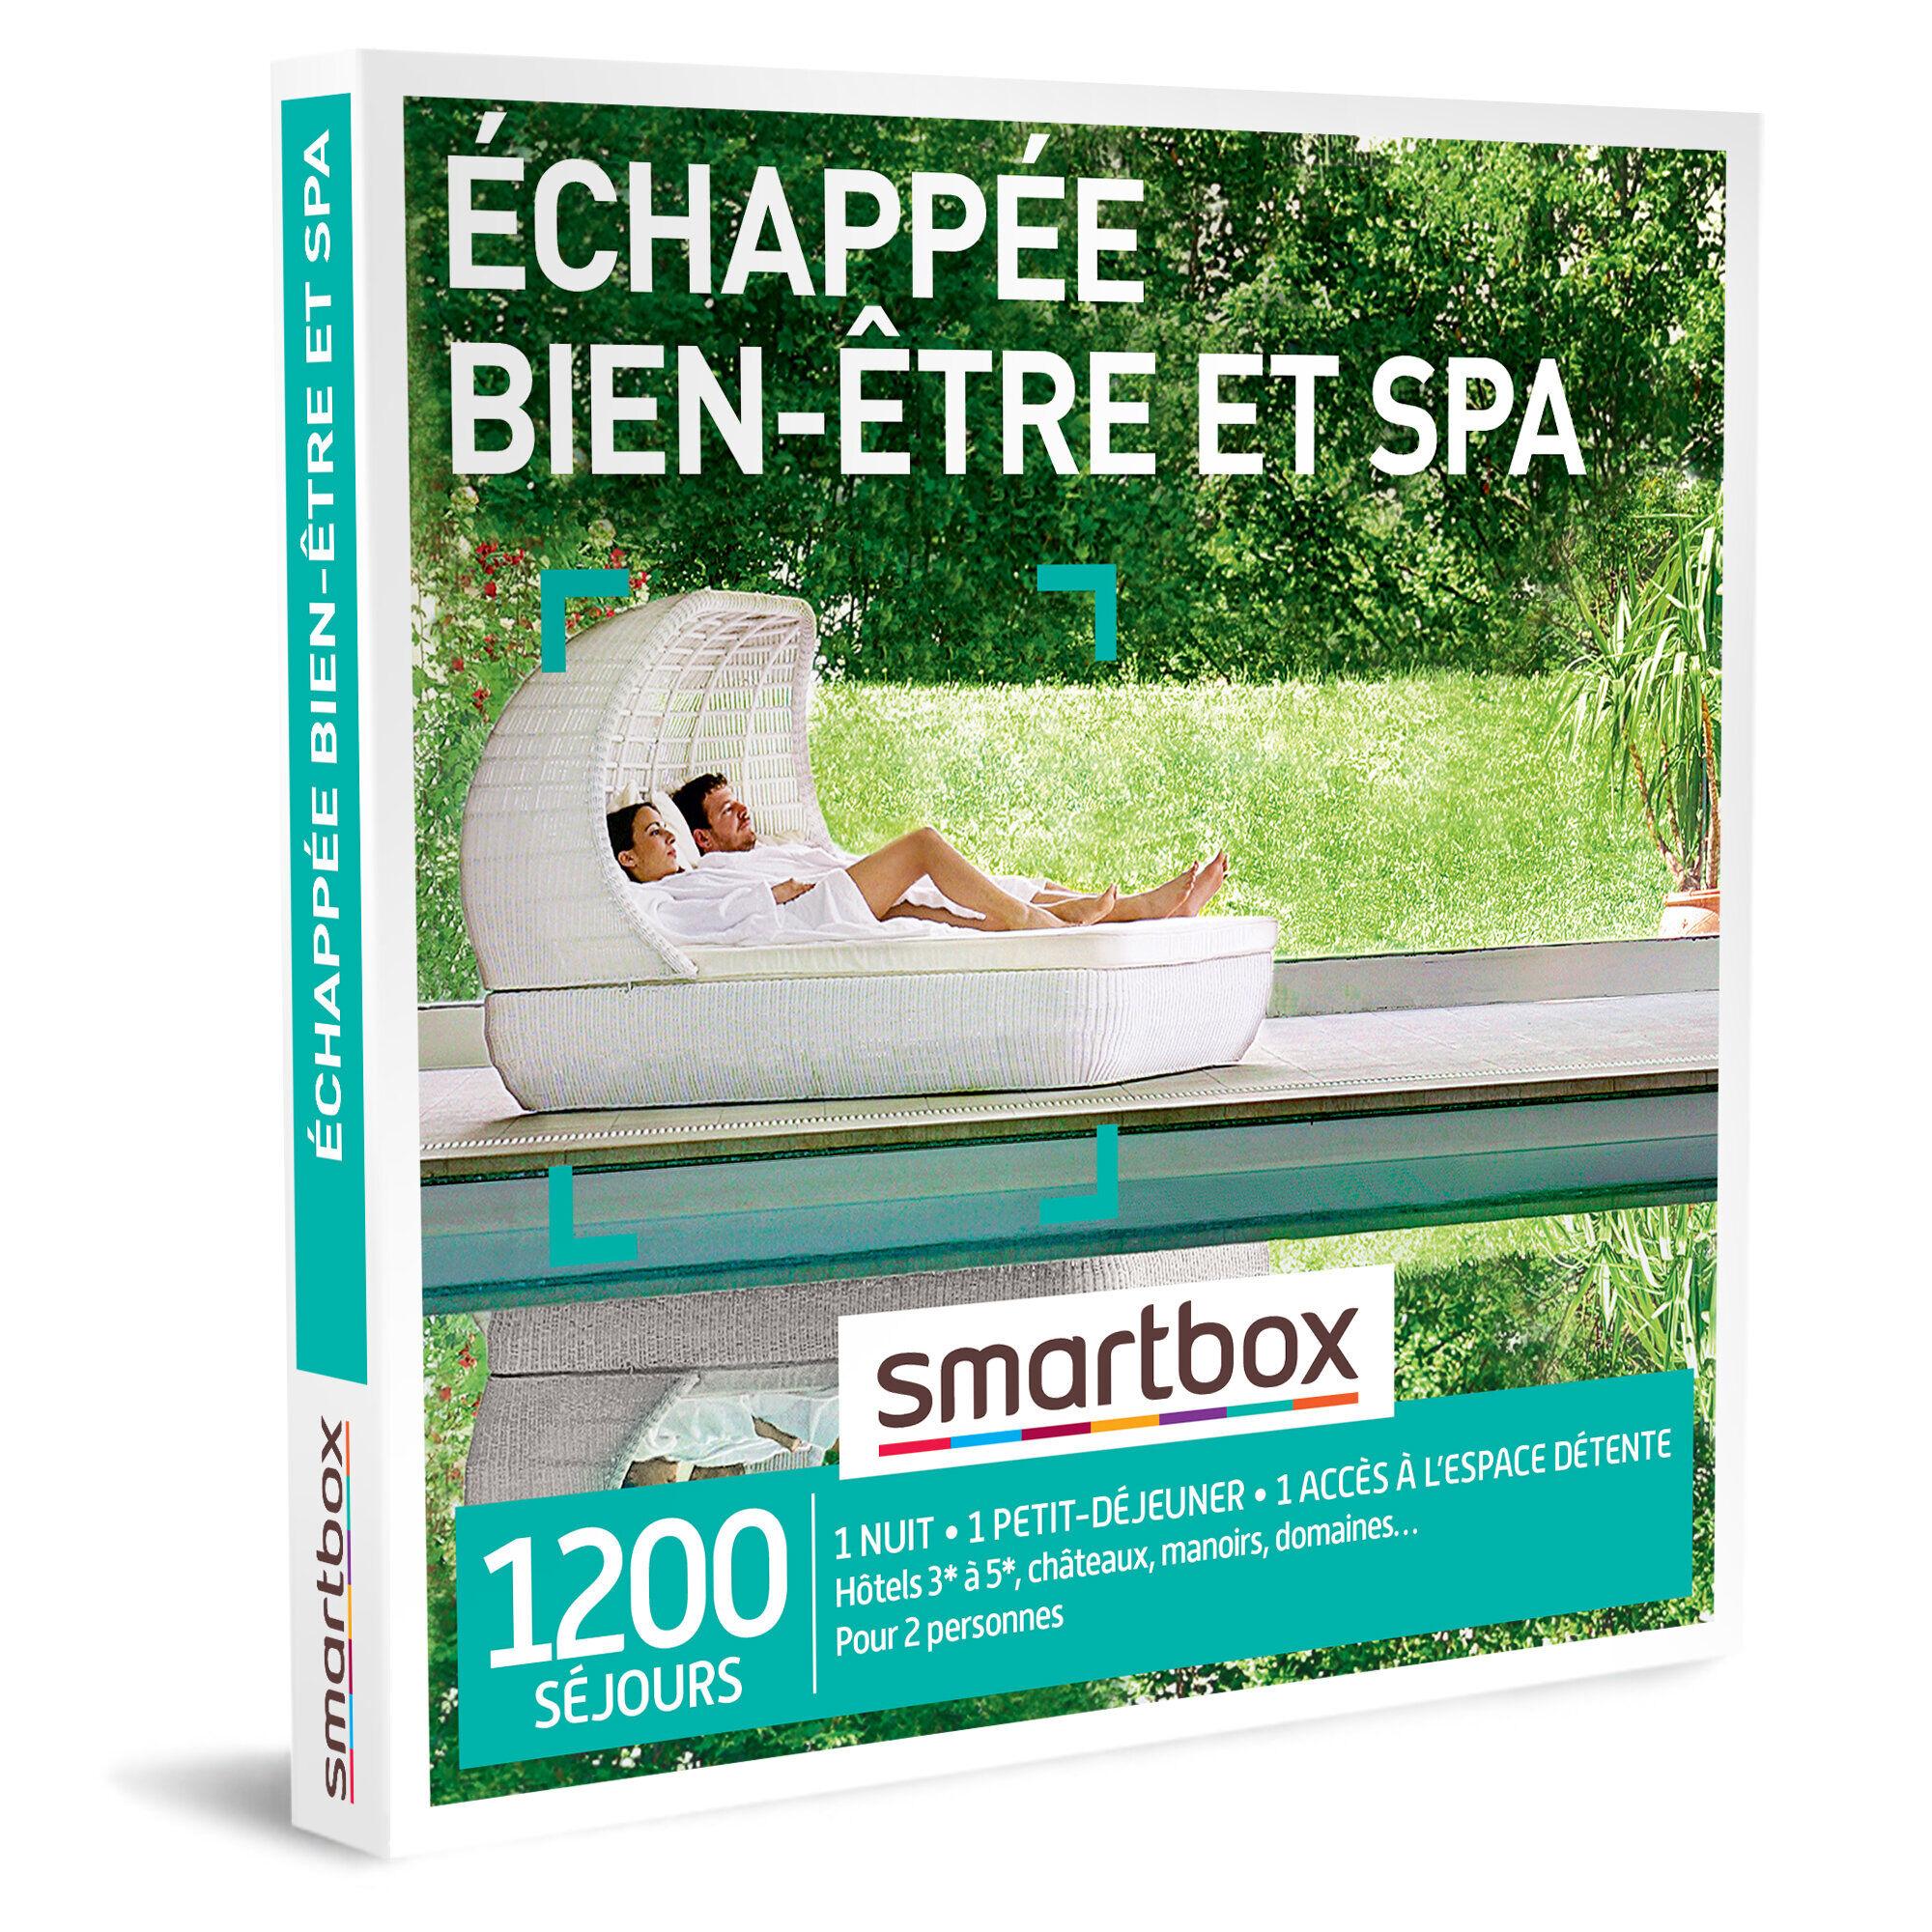 Smartbox Échappée bien-être et spa Coffret cadeau Smartbox